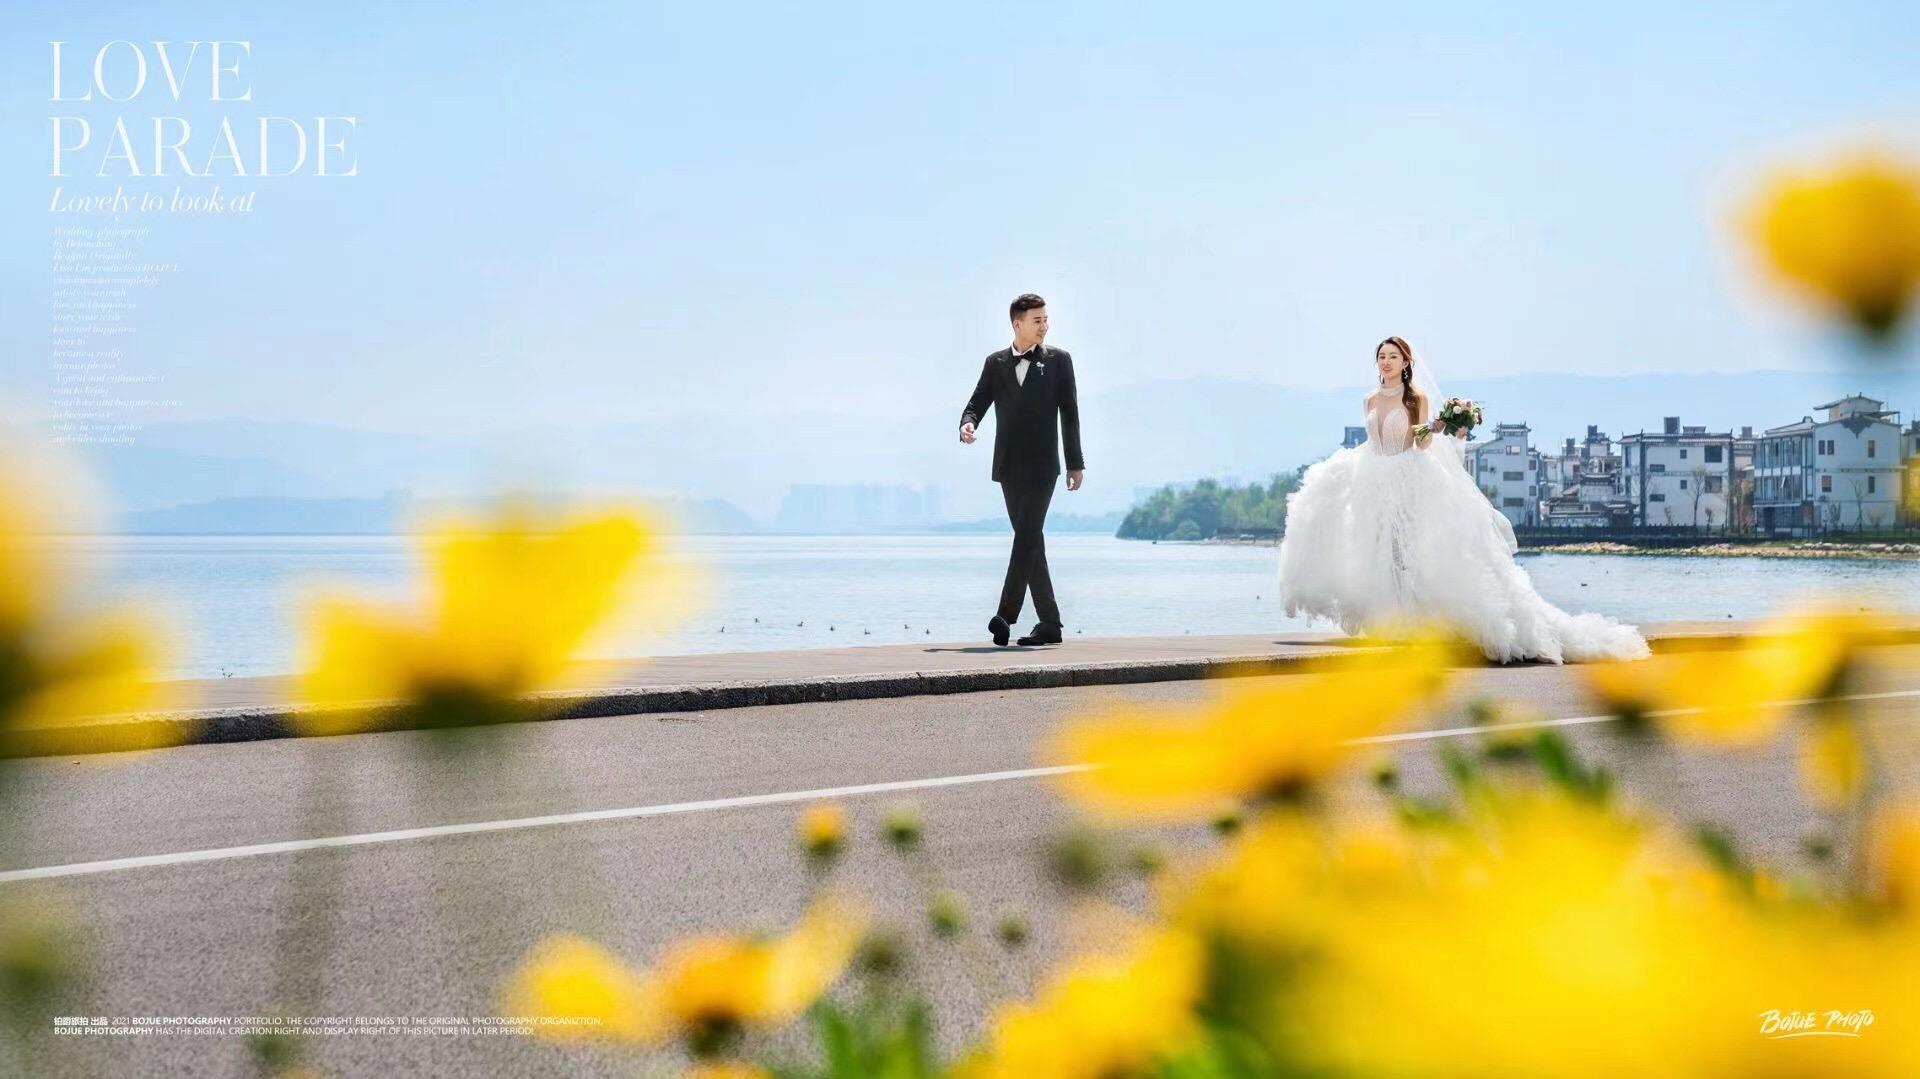 铂爵旅拍大理婚纱照 徜徉花海 满足我们对人间四月天的所有期待